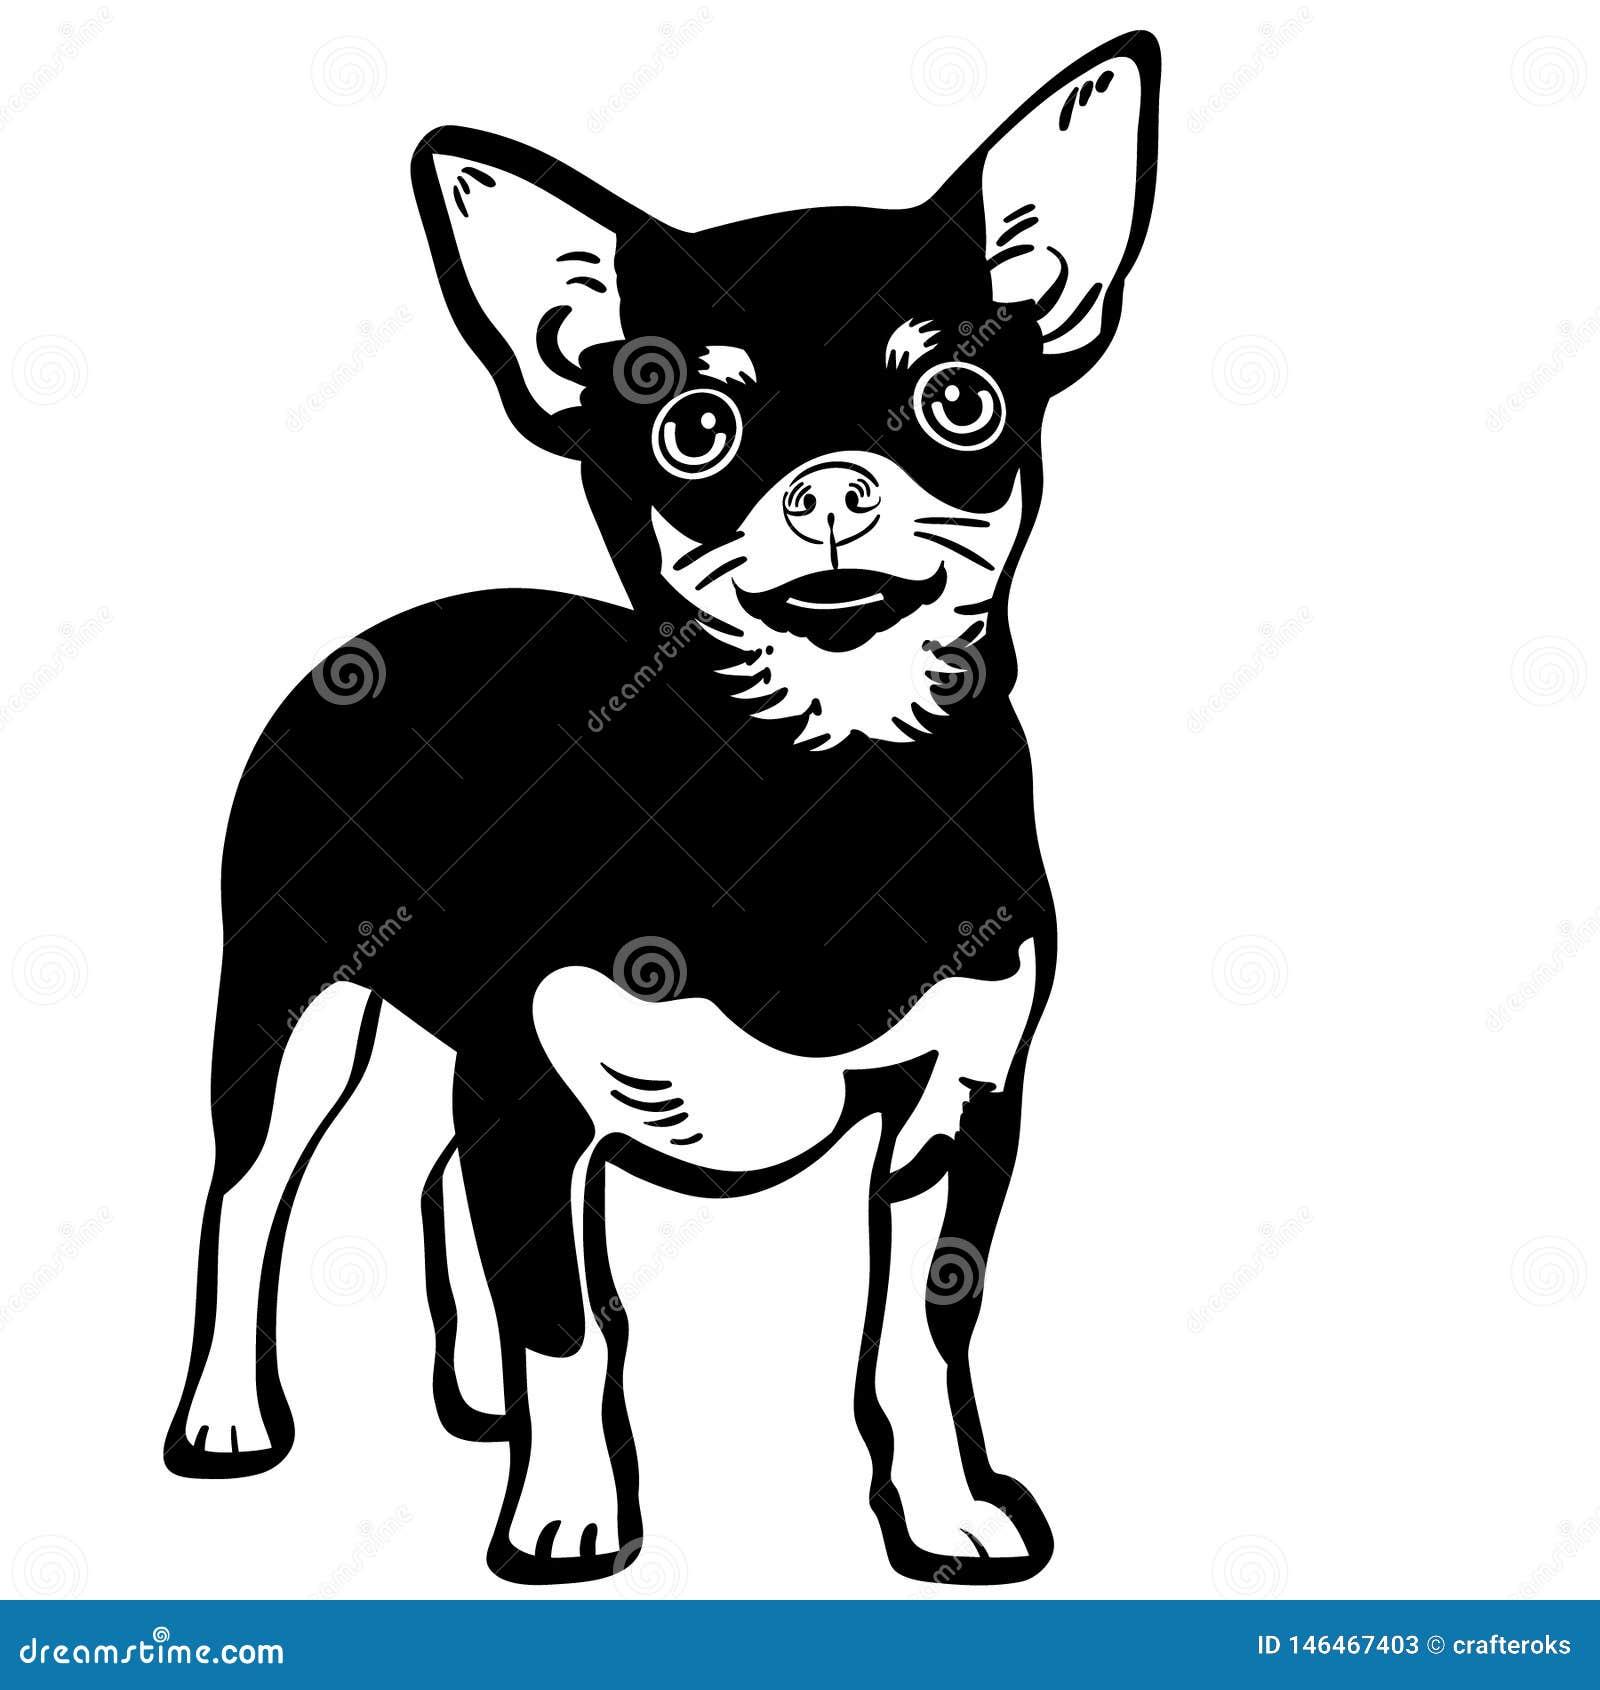 Dog Svg Stock Illustrations 60 Dog Svg Stock Illustrations Vectors Clipart Dreamstime